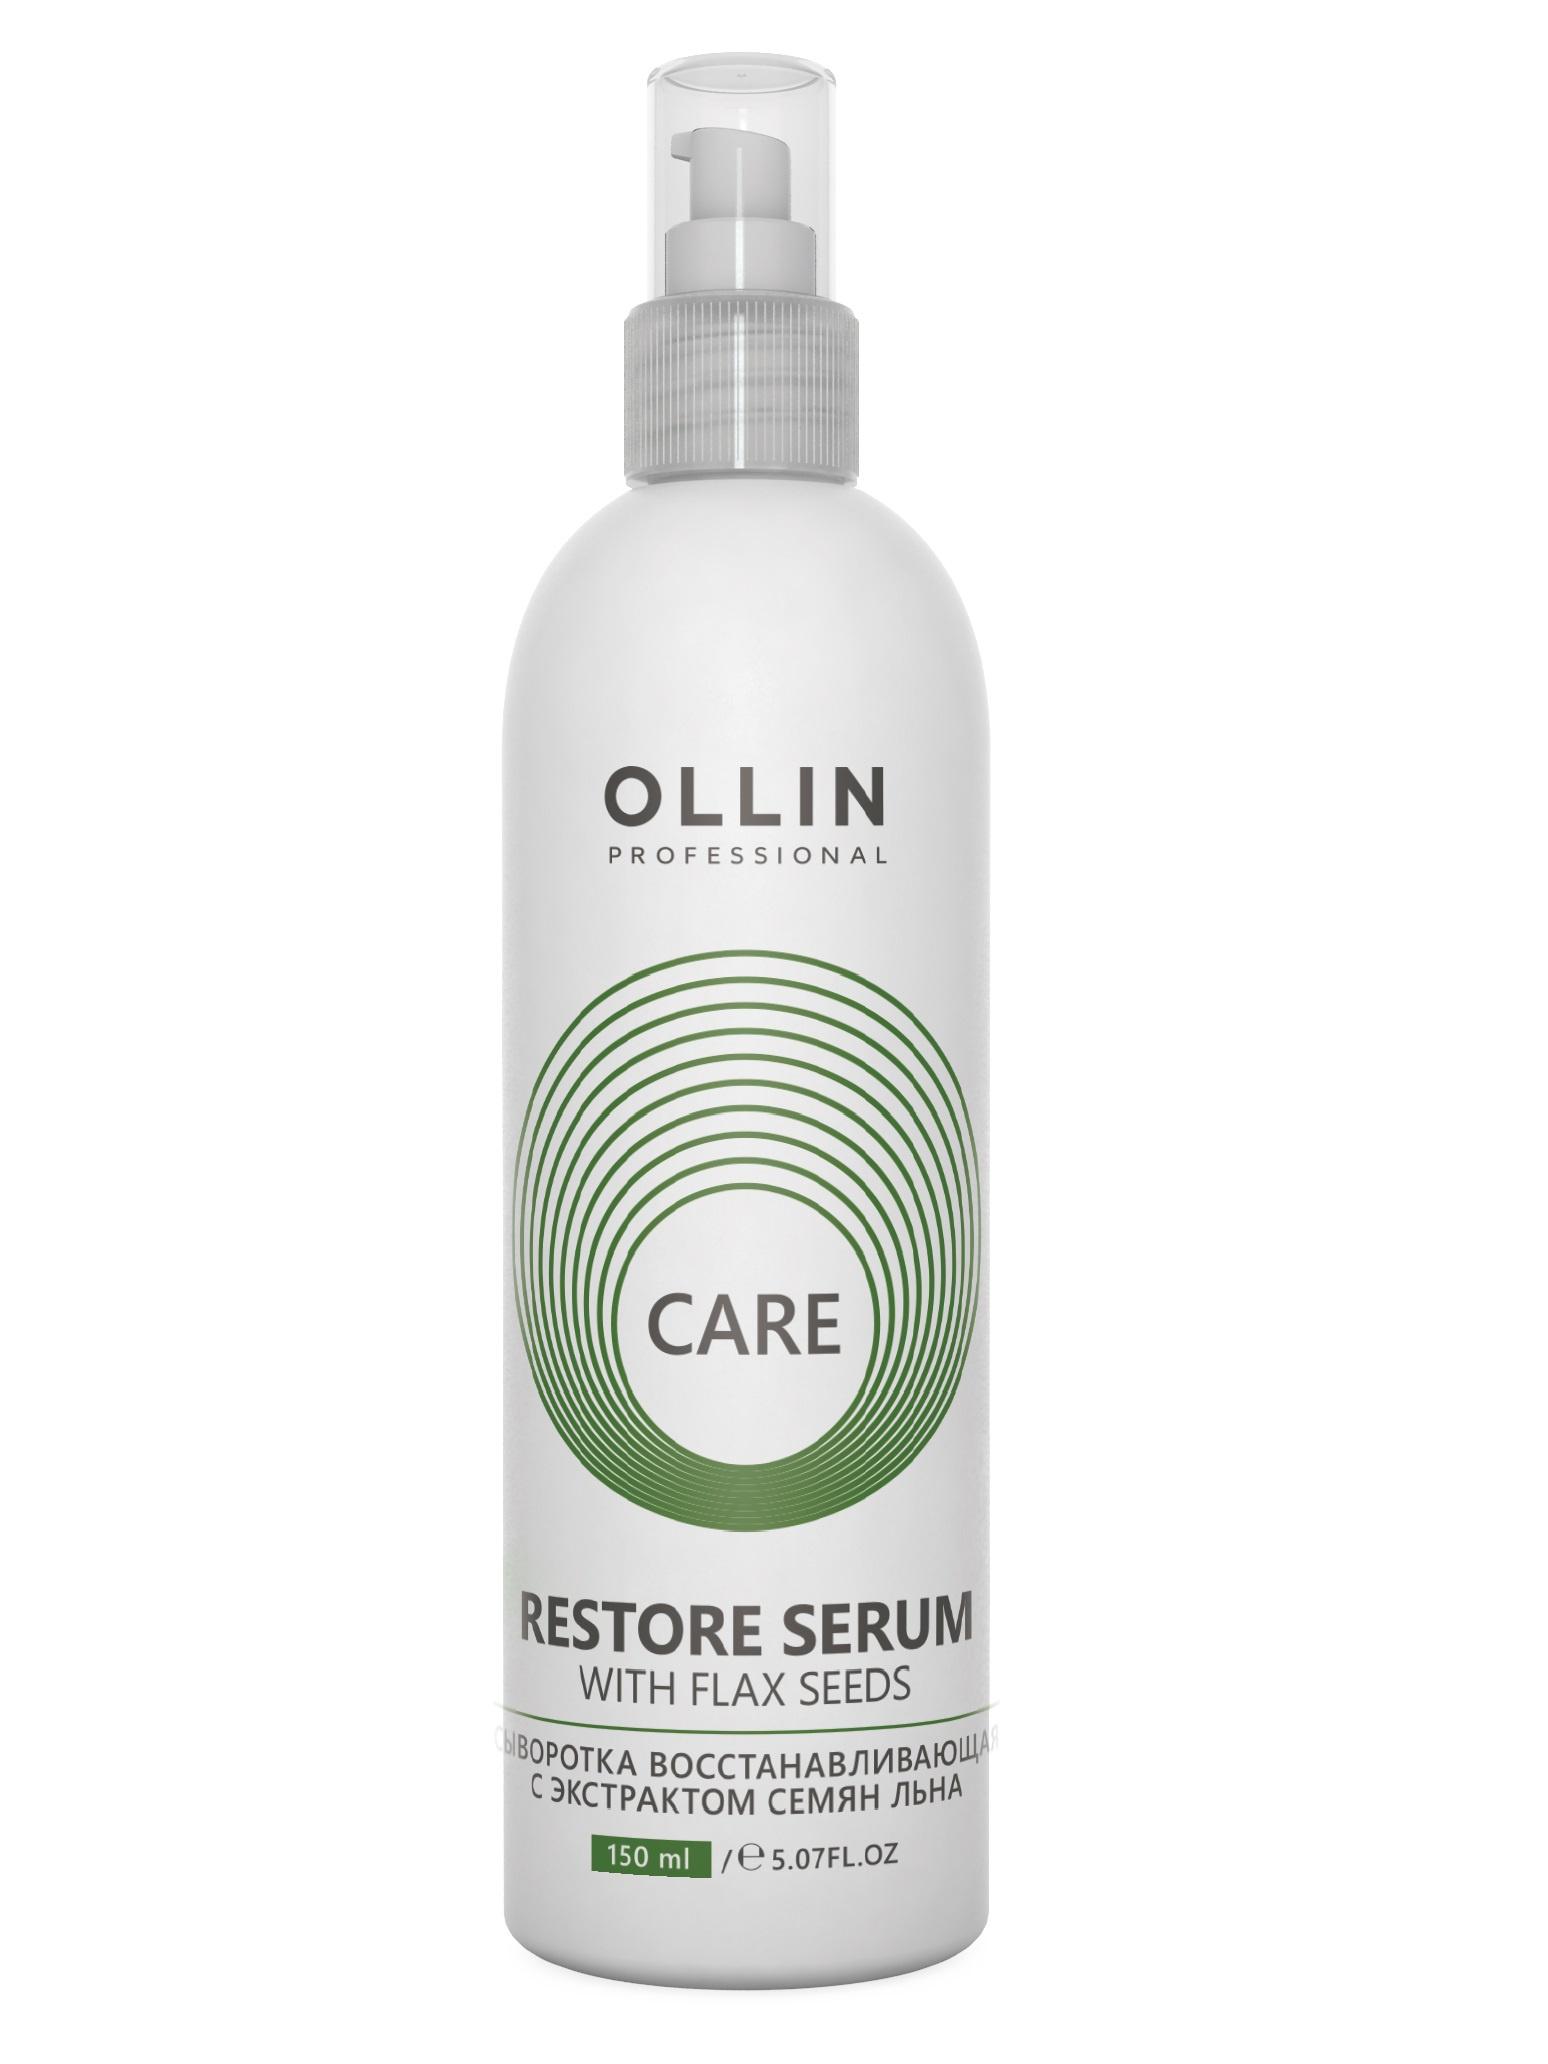 Сыворотка для волос Ollin Professional CARE для восстановления с экстрактом семян льна 150 мл